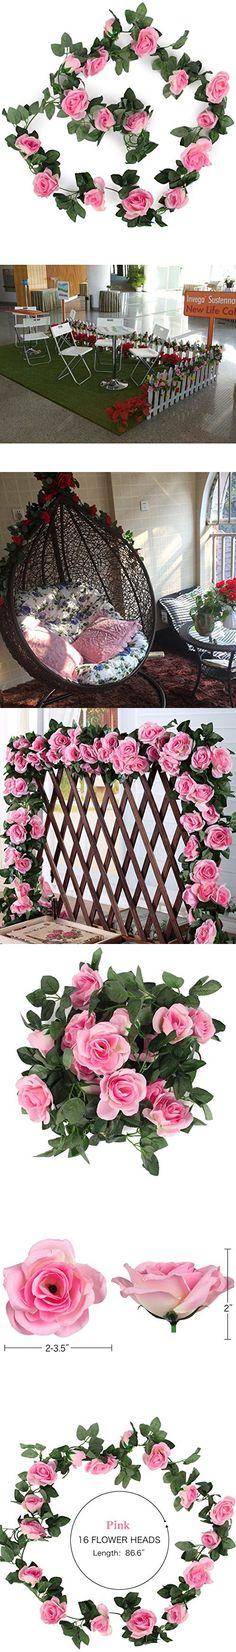 Luyue Vintage Artificial Silk Rose Flower Ivy Vine Leaf Garland Hanging Vine Wedding Home Indoor/Outdoor Decor (2 Pcs) (Pink)